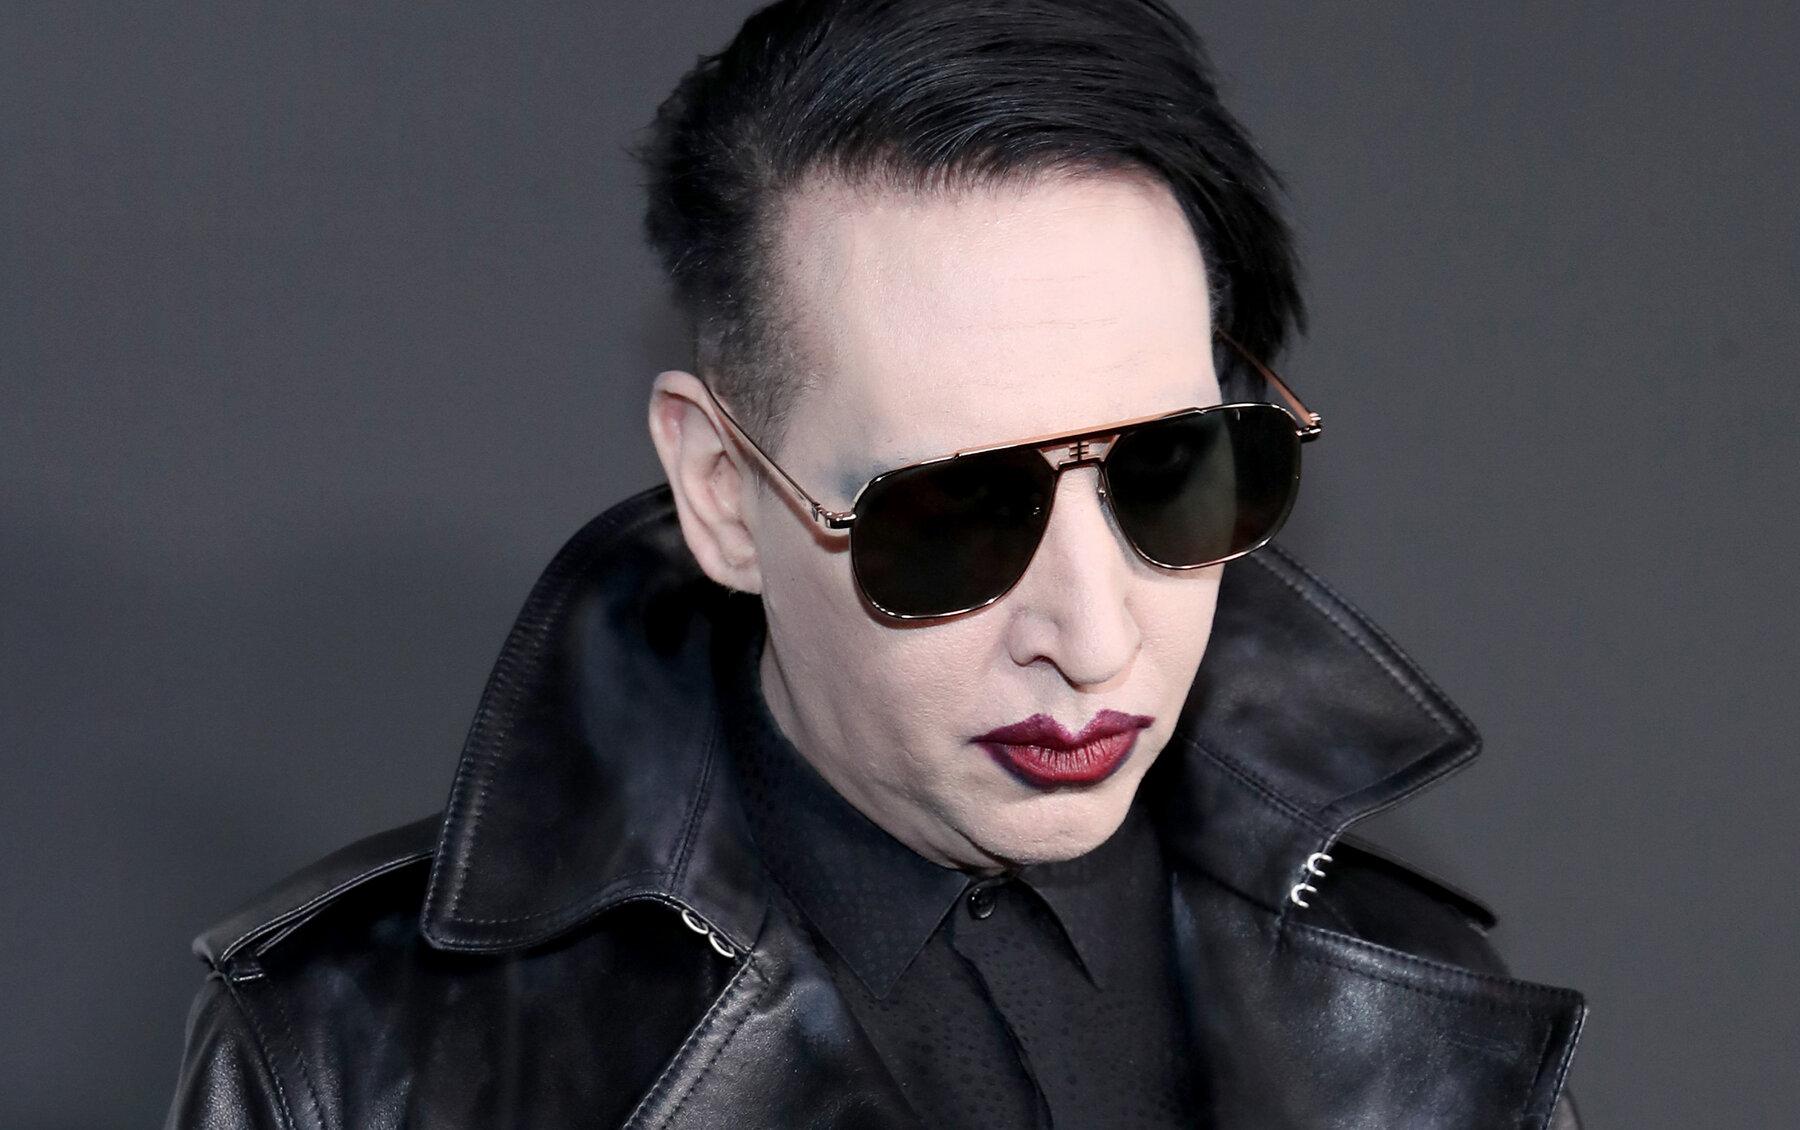 Marilyn Manson se queda sin disquera y es despedido de la TV tras acusaciones de abuso en su contra